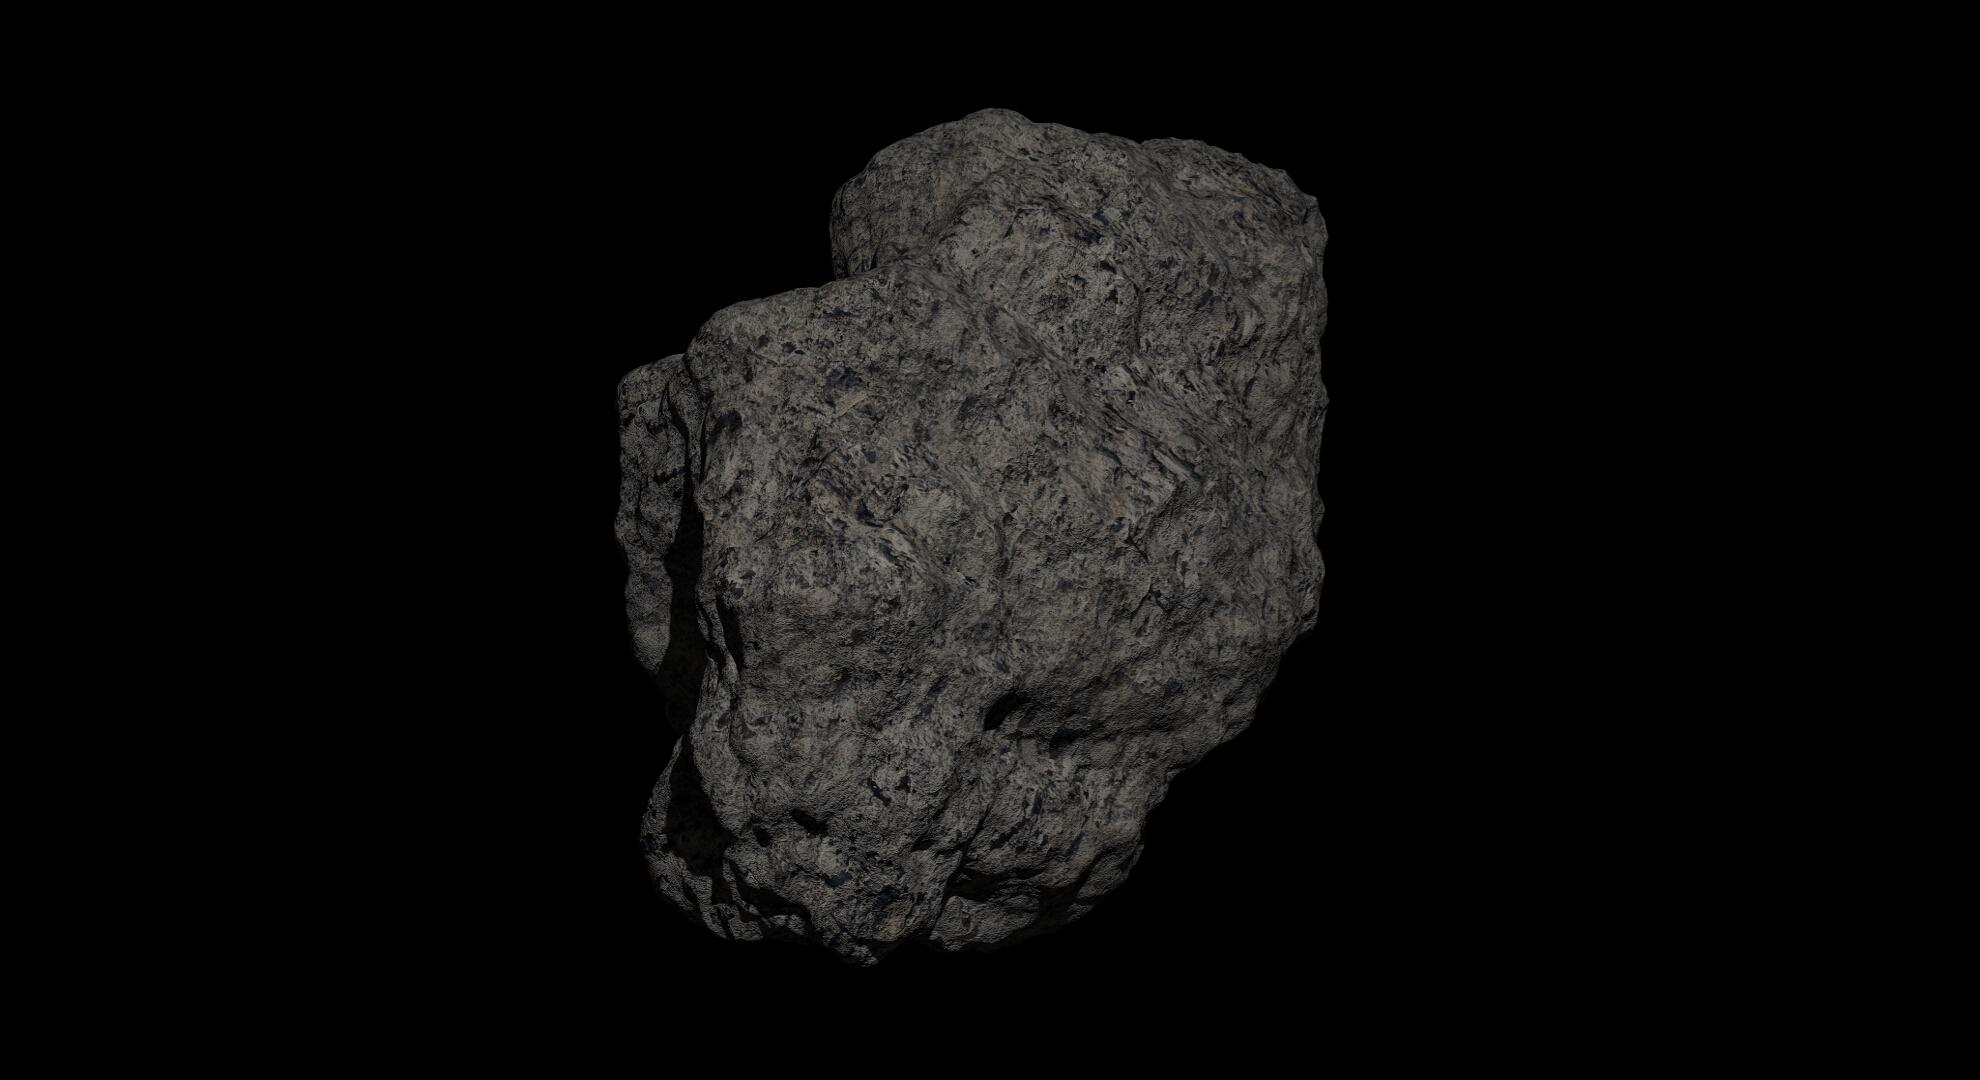 fantaziya asteroid 2 3d modeli 3s qarışığı da fbx obj 267197